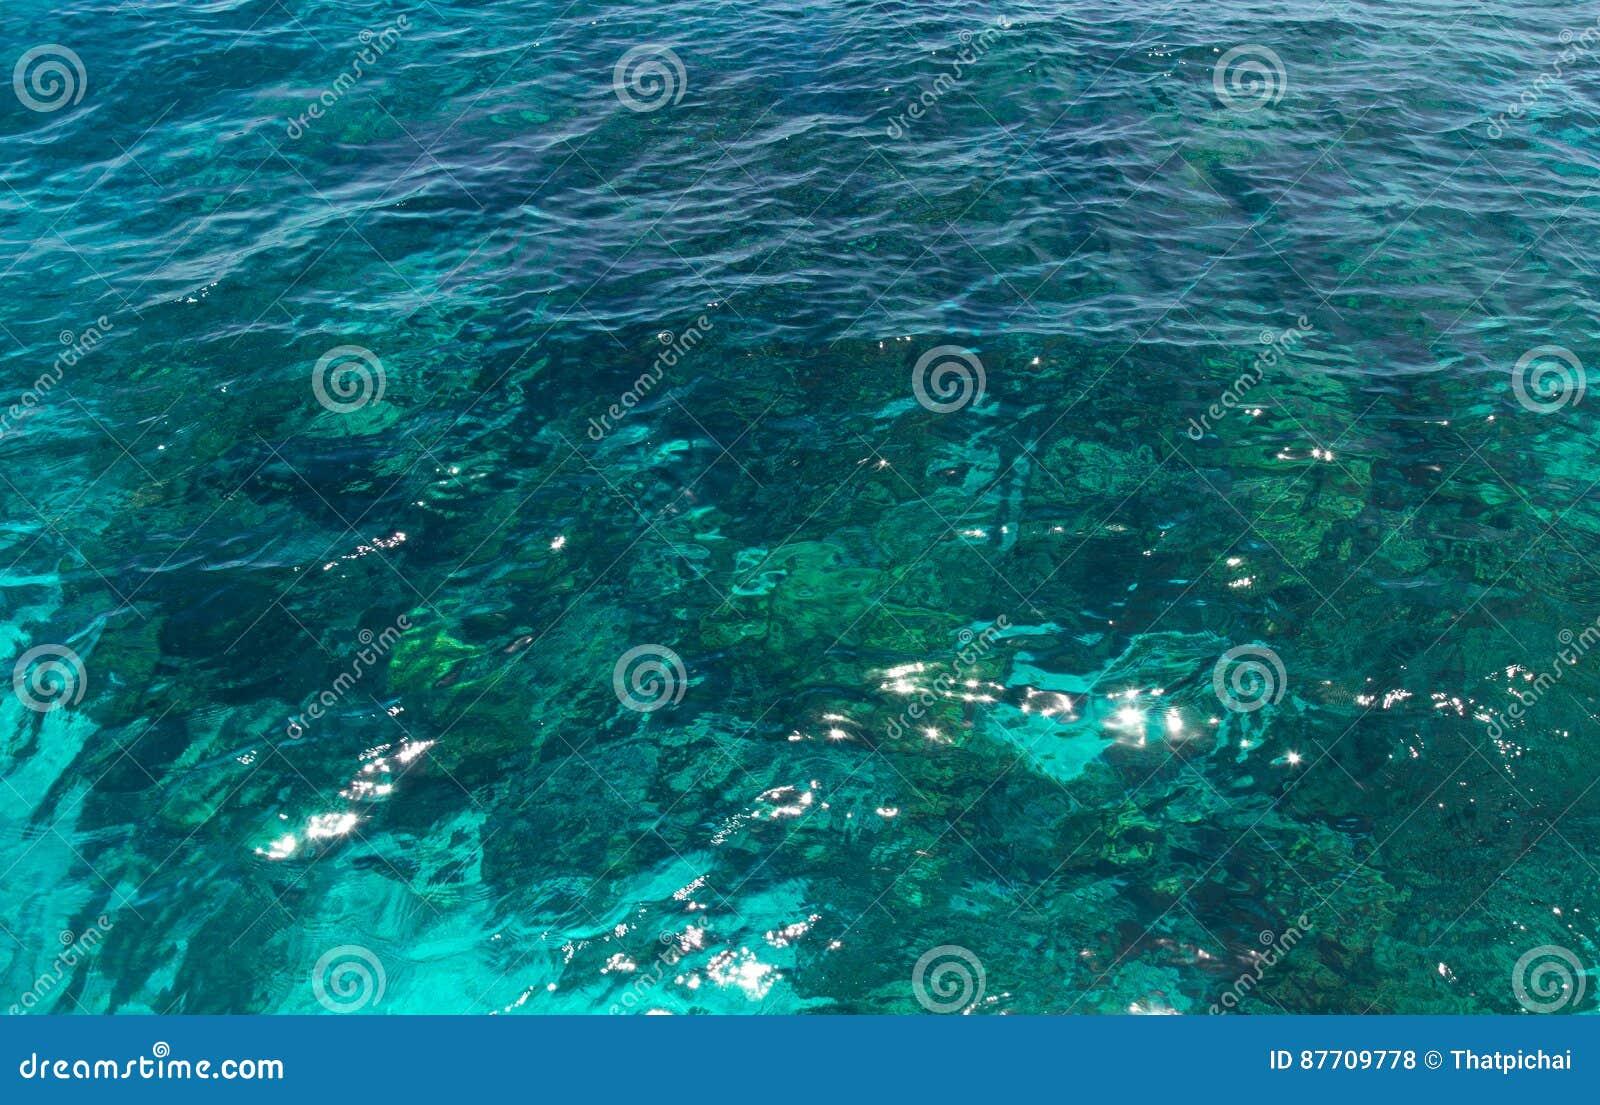 Texture de l eau d océan, mer de bleu d espace libre